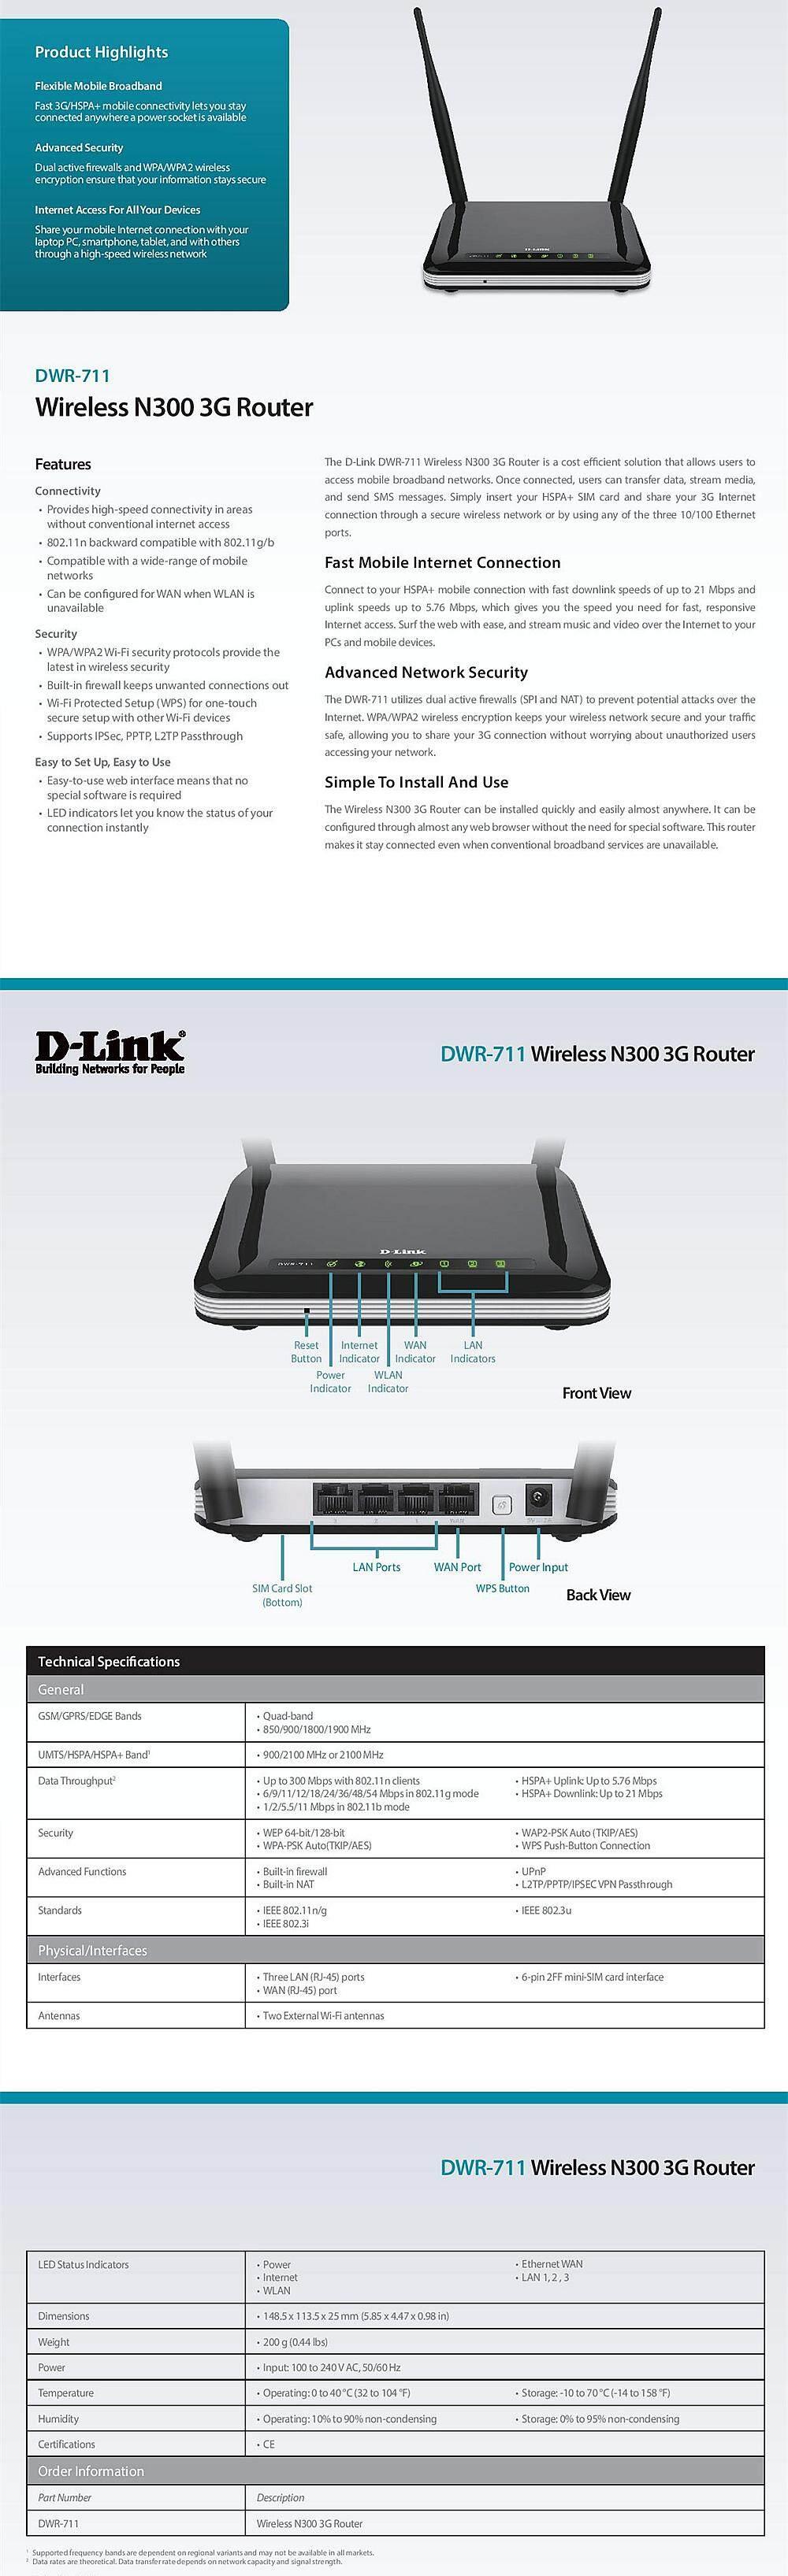 DWR711_9.jpg